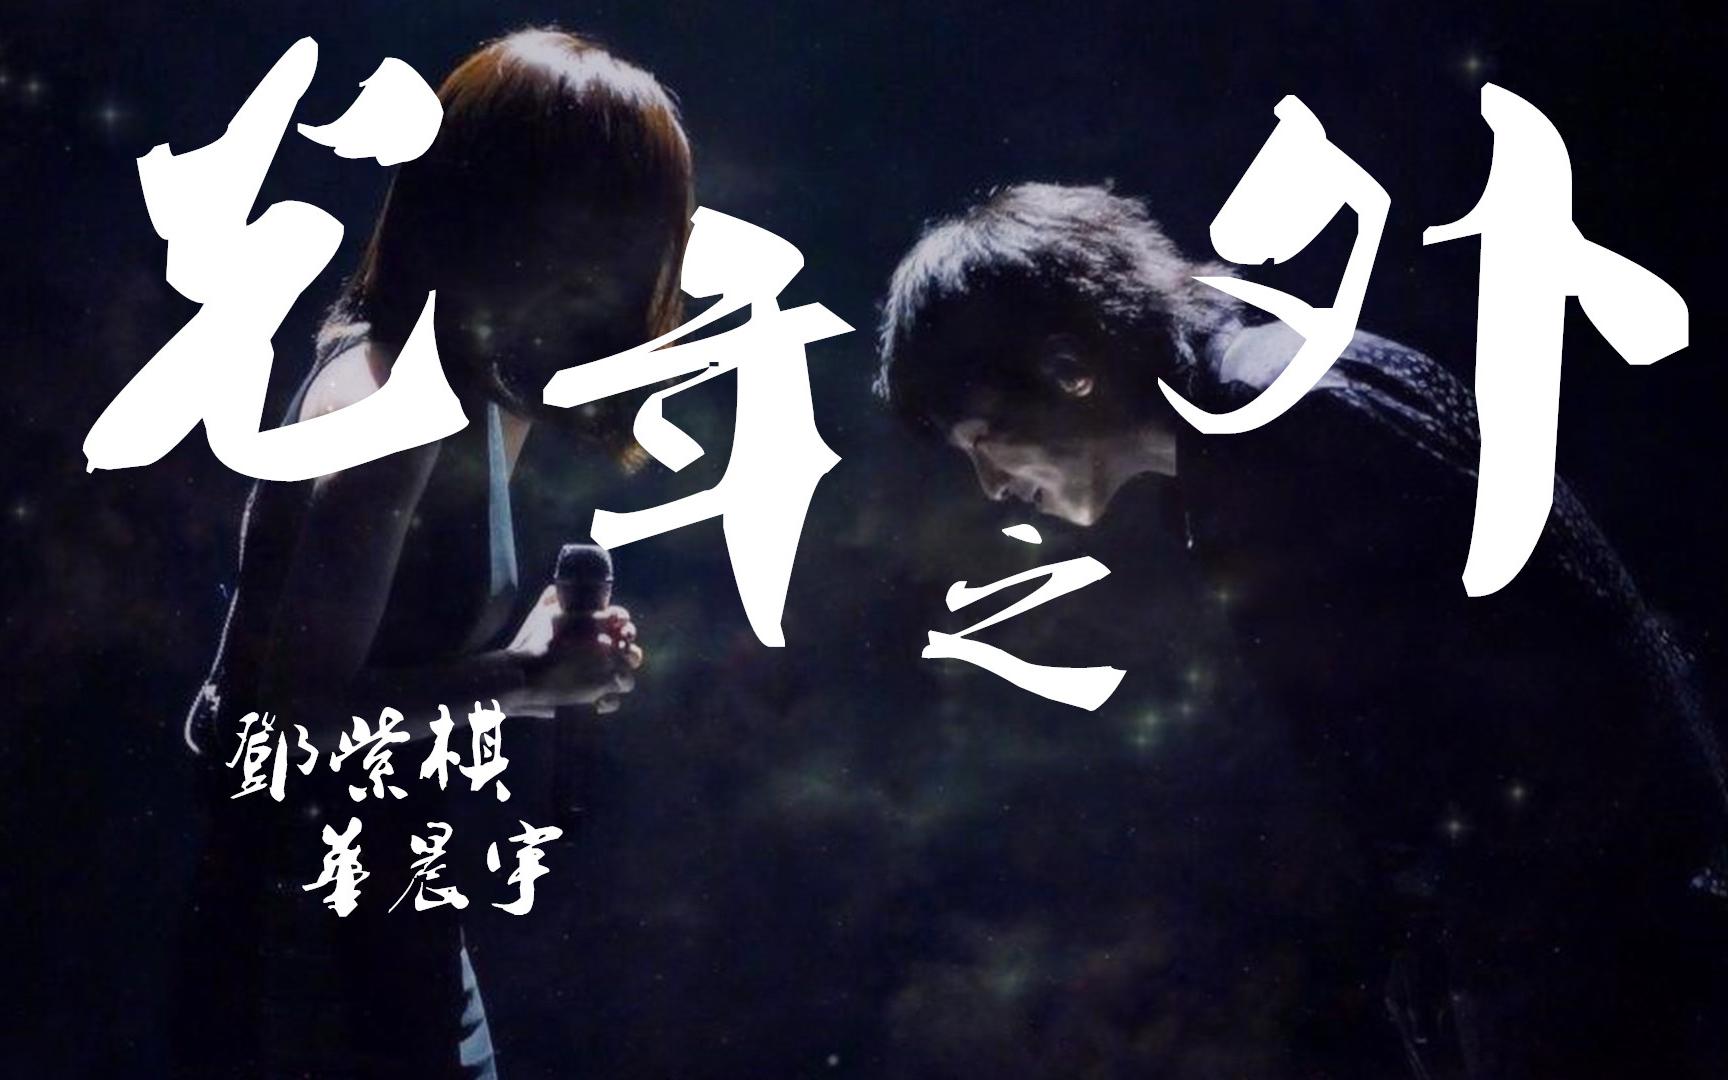 《光年之外》(live)——华晨宇,邓紫棋『歌手第二季 歌王之战』【动态图片